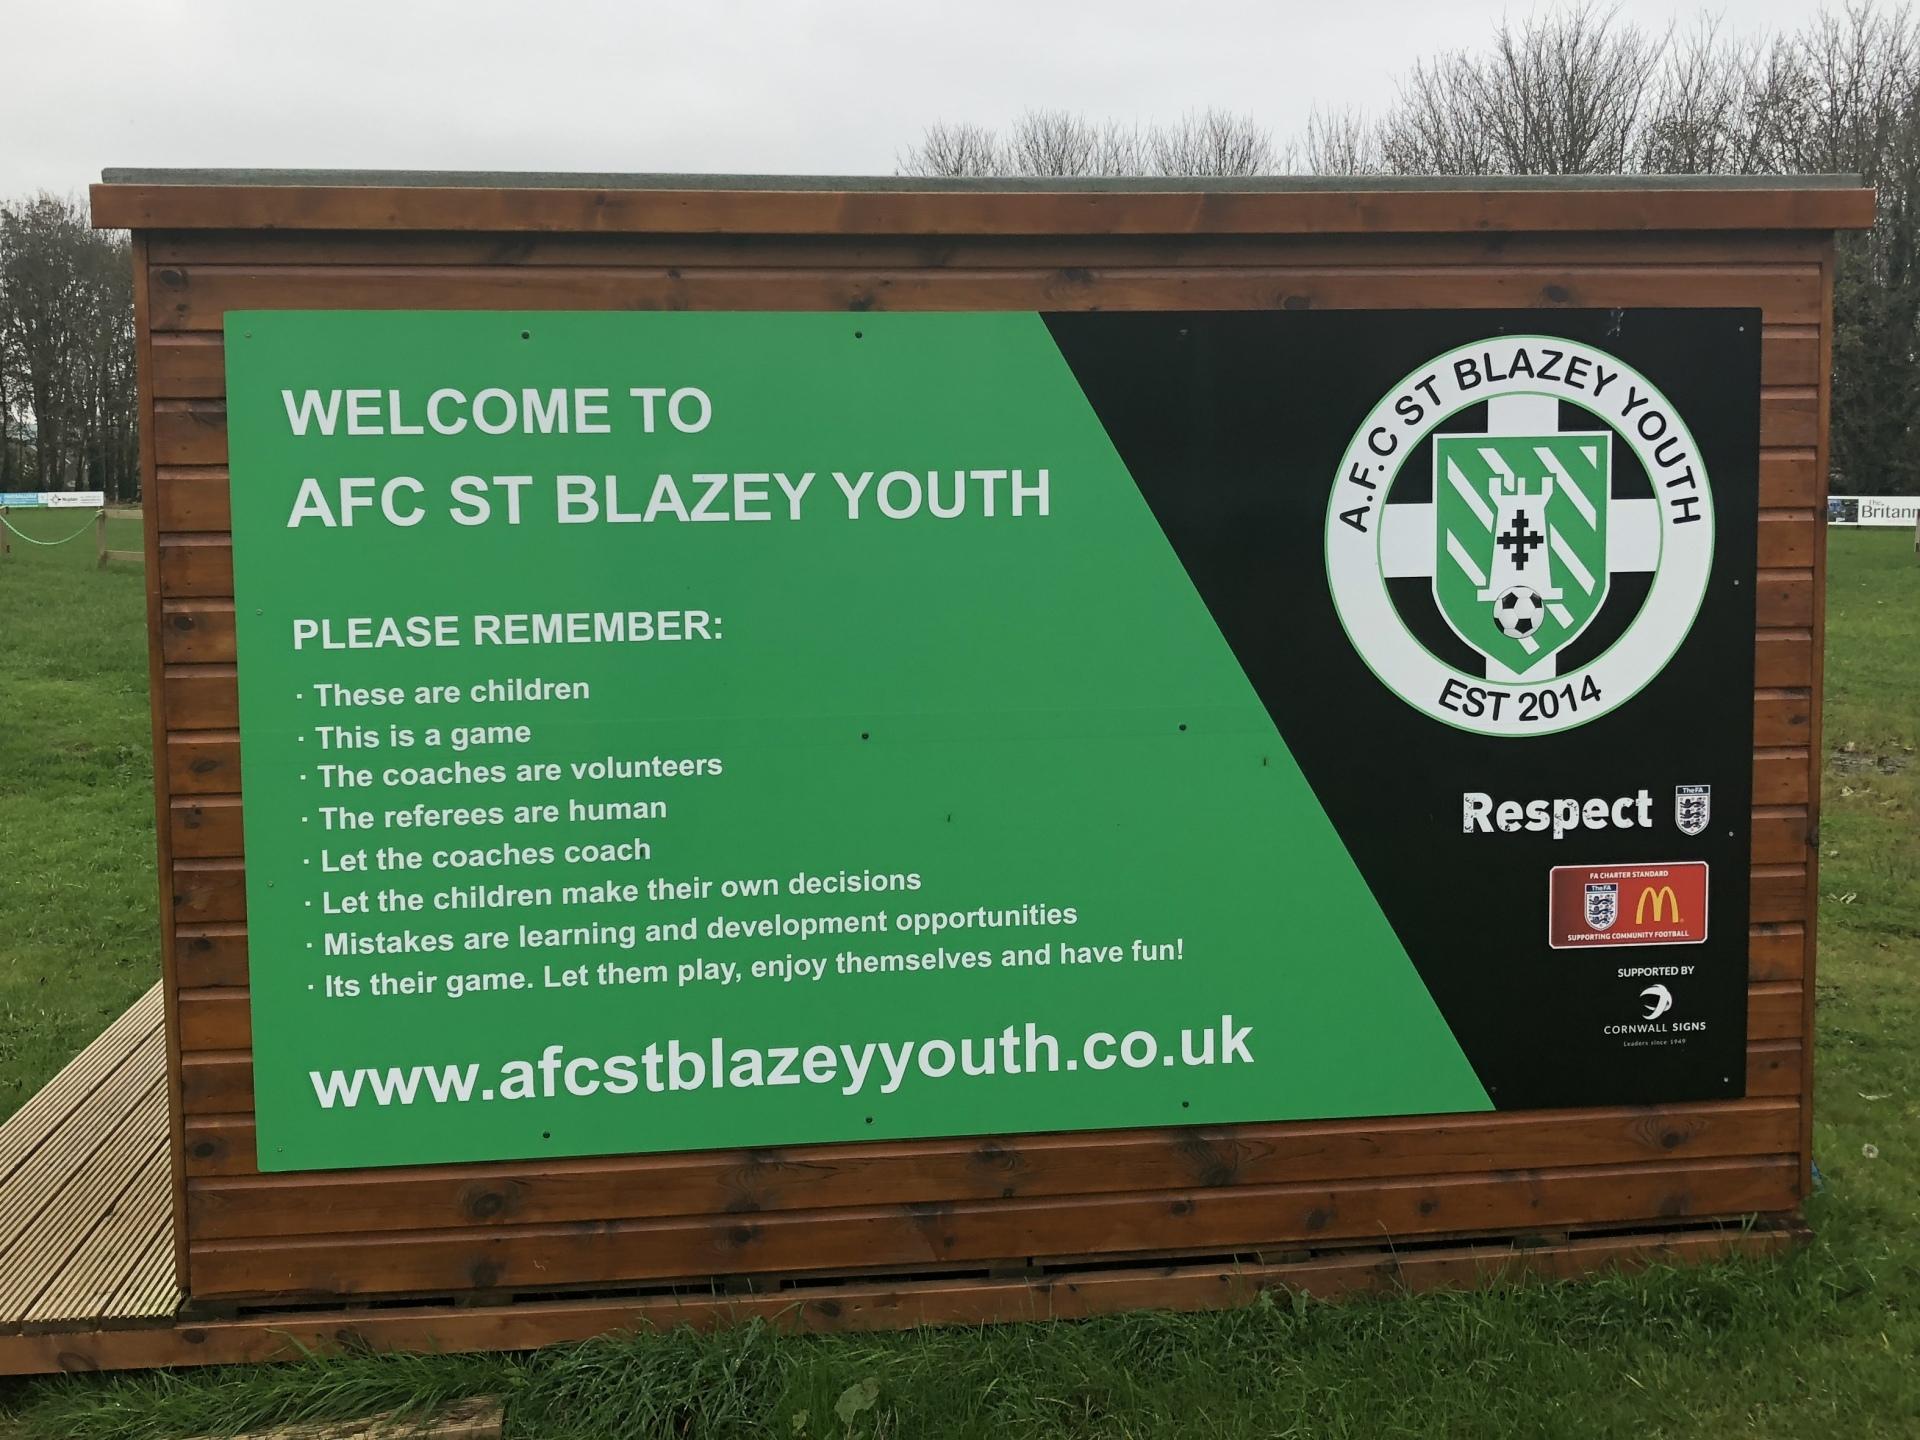 AFC St.Blazey Youth